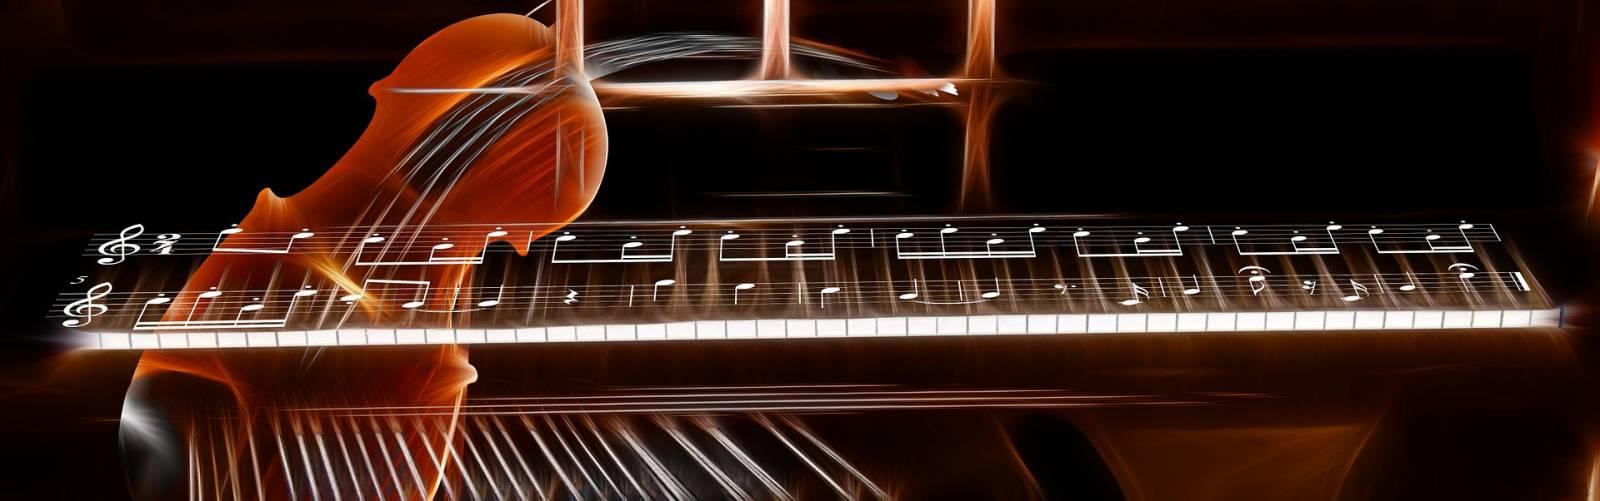 vente et location achat de piano instrument de musique bordeaux pianos michel revers. Black Bedroom Furniture Sets. Home Design Ideas